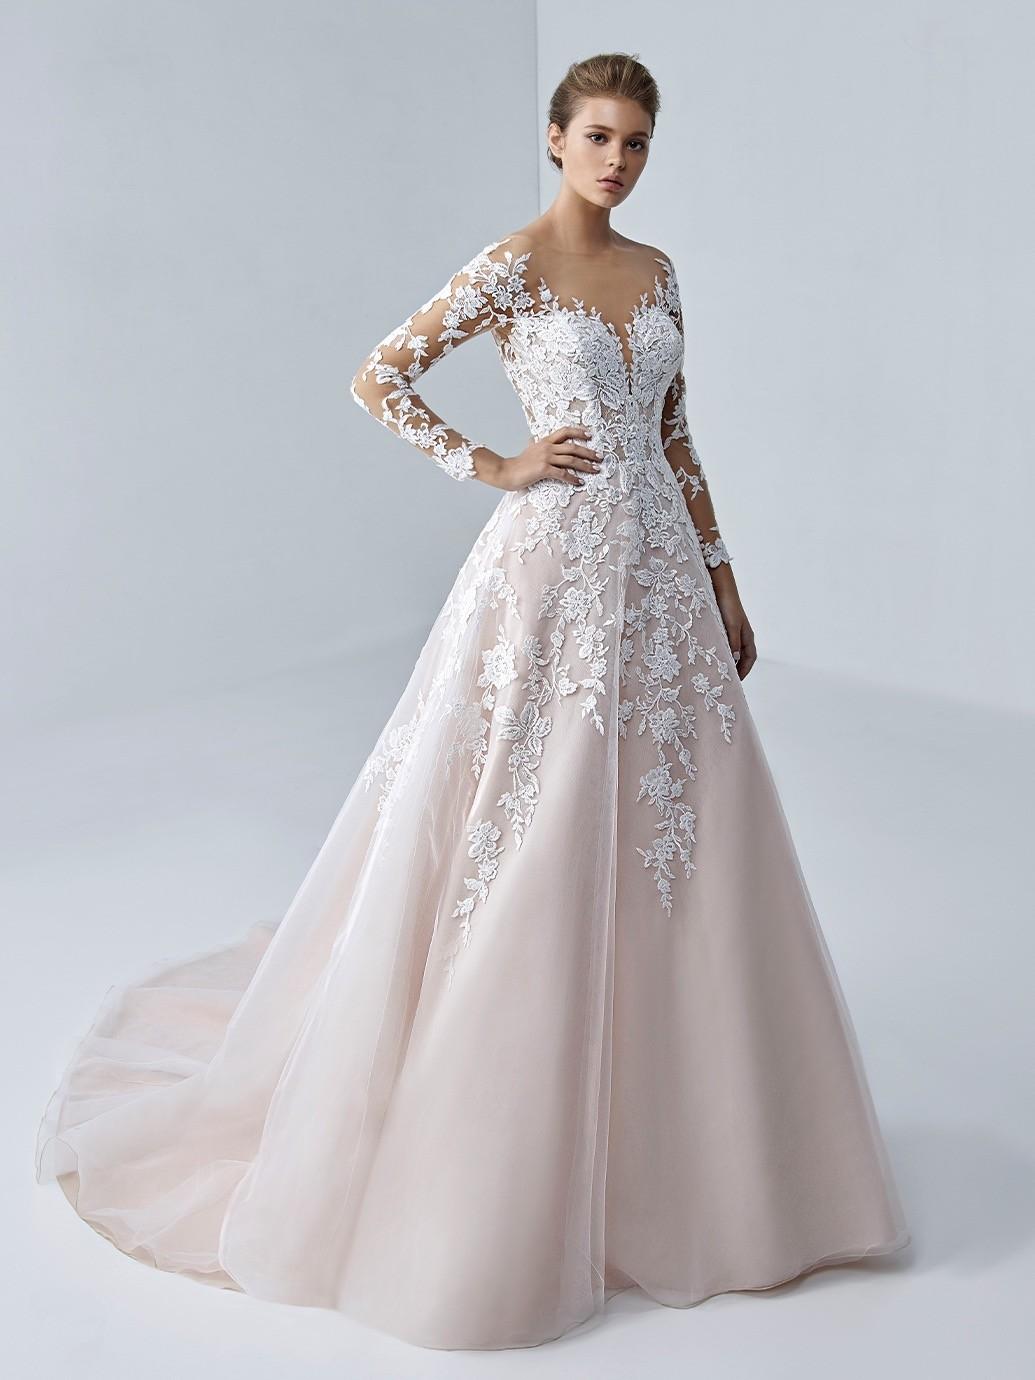 Rosa Hochzeitskleid im Prinzess-Schnitt mit langen Spitzenärmeln und Tattoo-Effekt von Etoile, Modell Arabelle